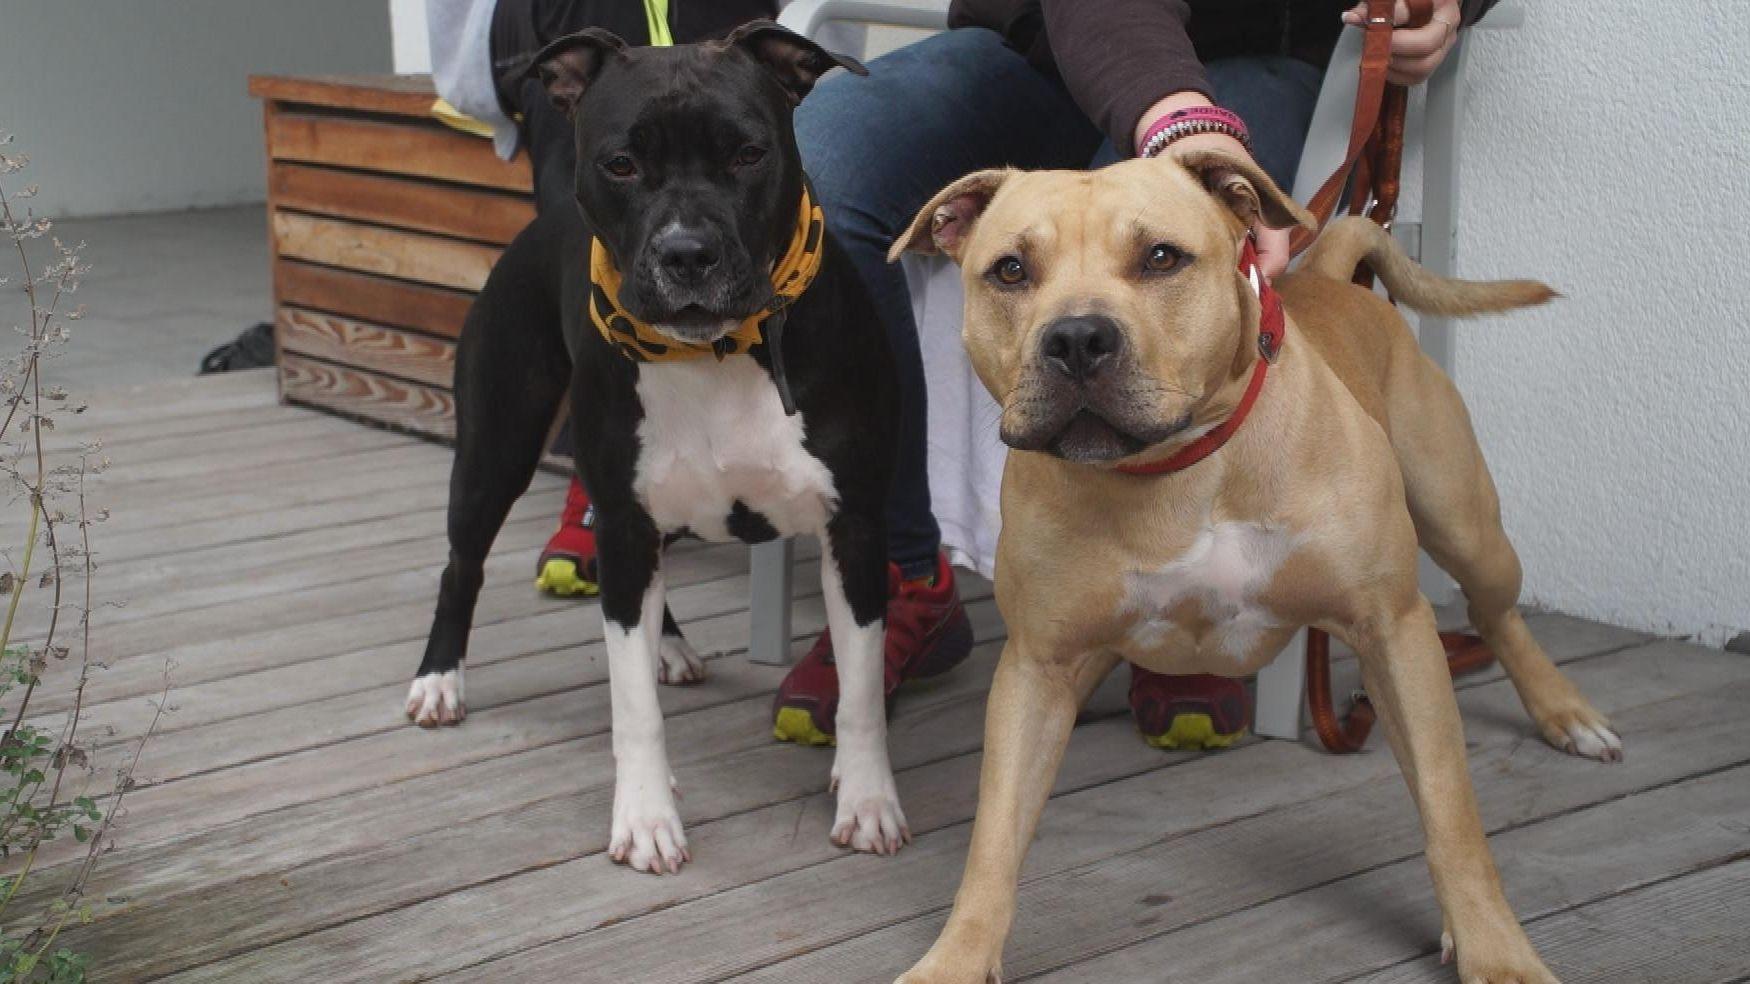 Diese zwei Kampfhunde der Rasse American Staffordshire Terrier leben gerade im Tierheim München.